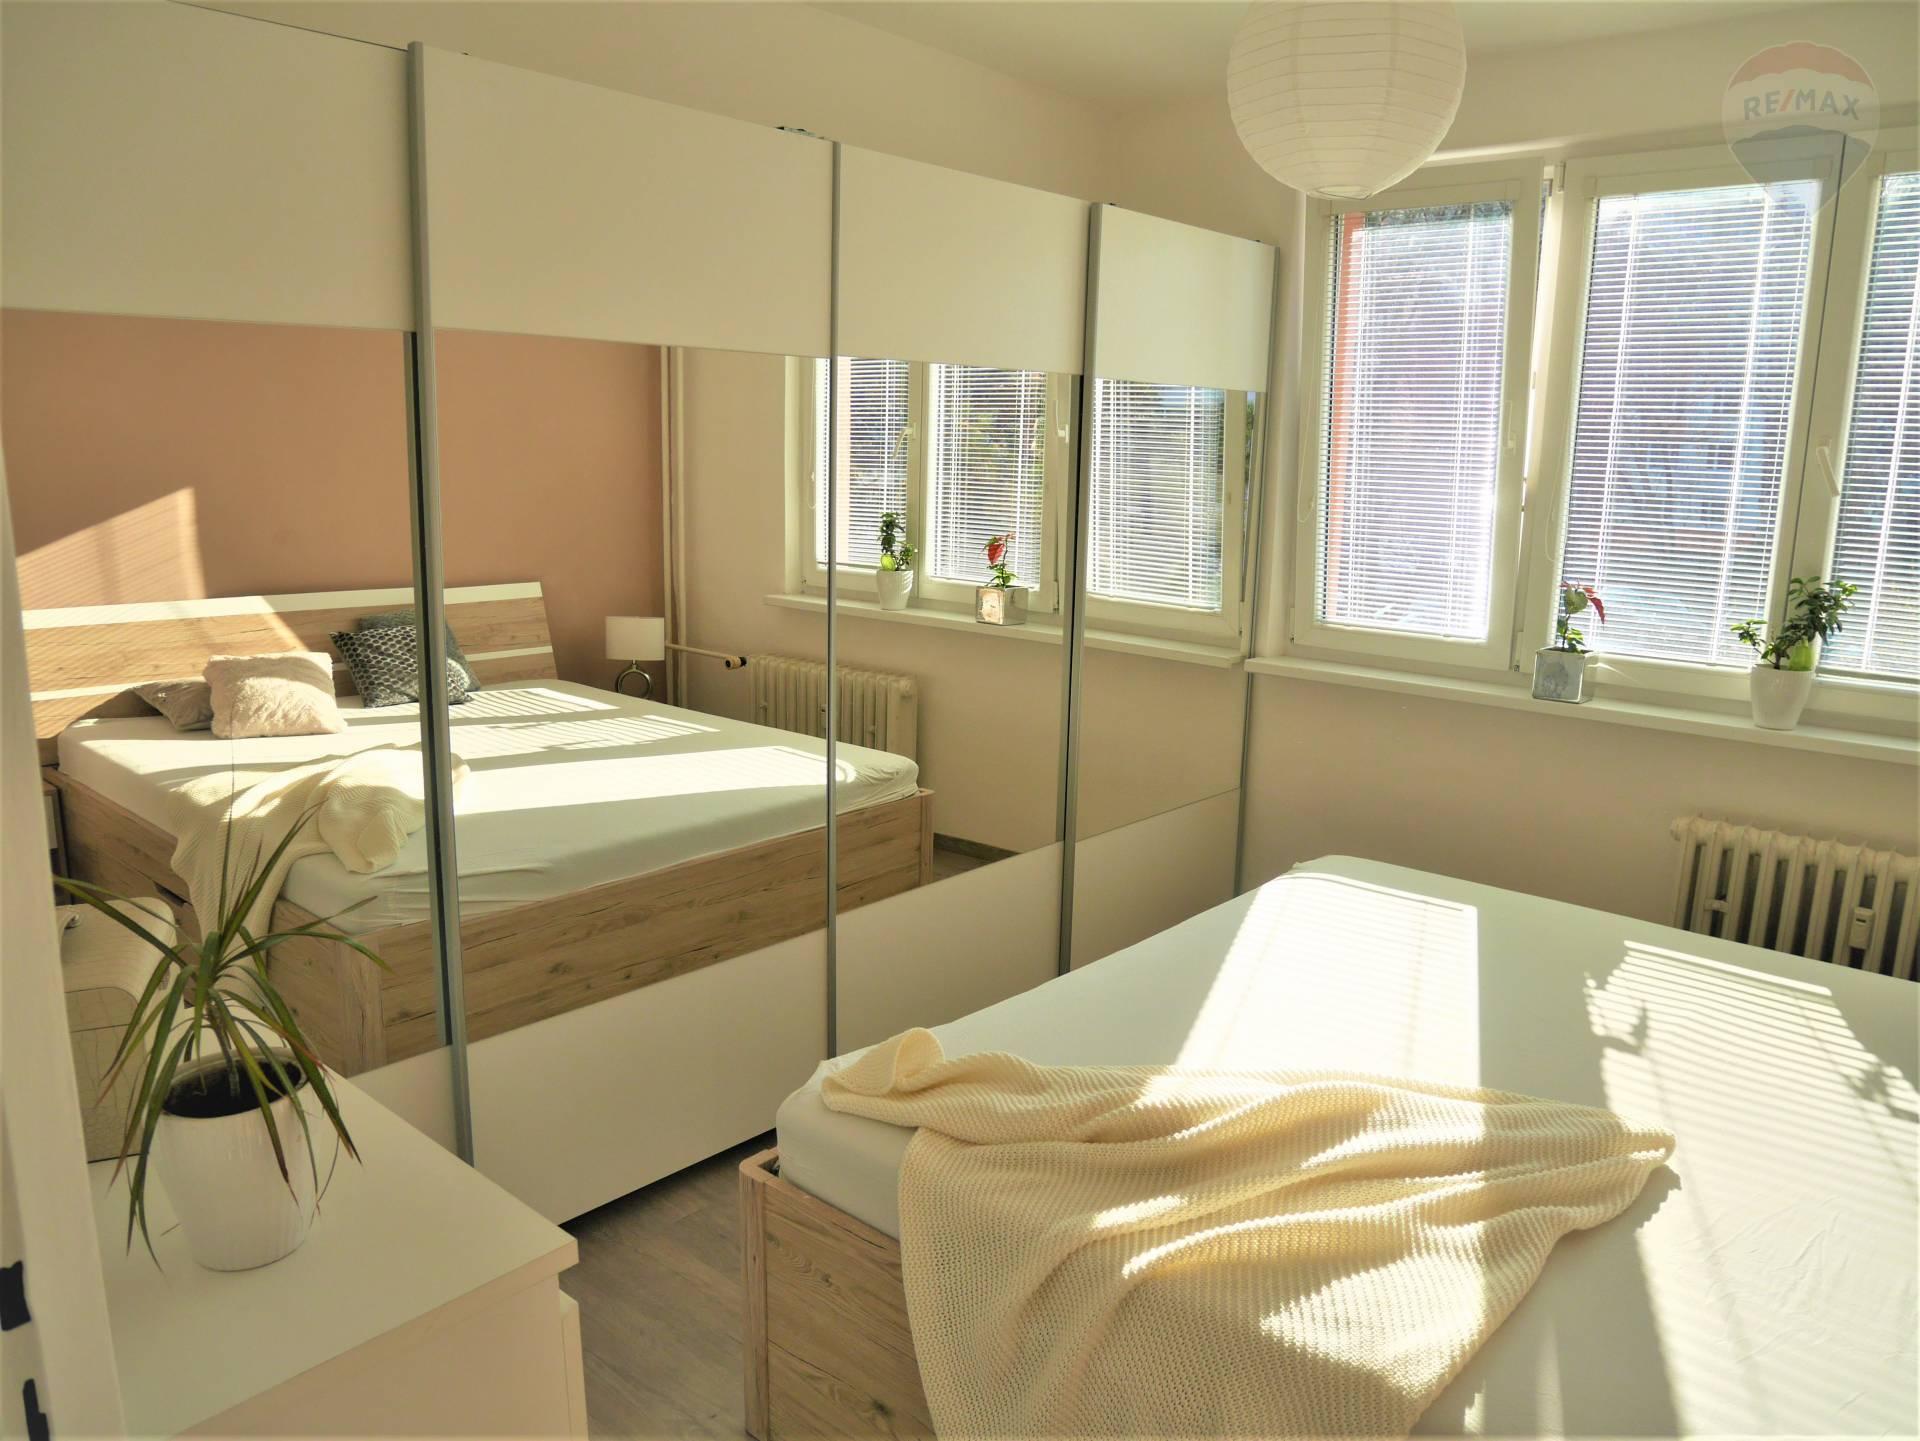 3 izbový byt na PREDAJ s balkónom, sídlisko Žabník, Prievidza